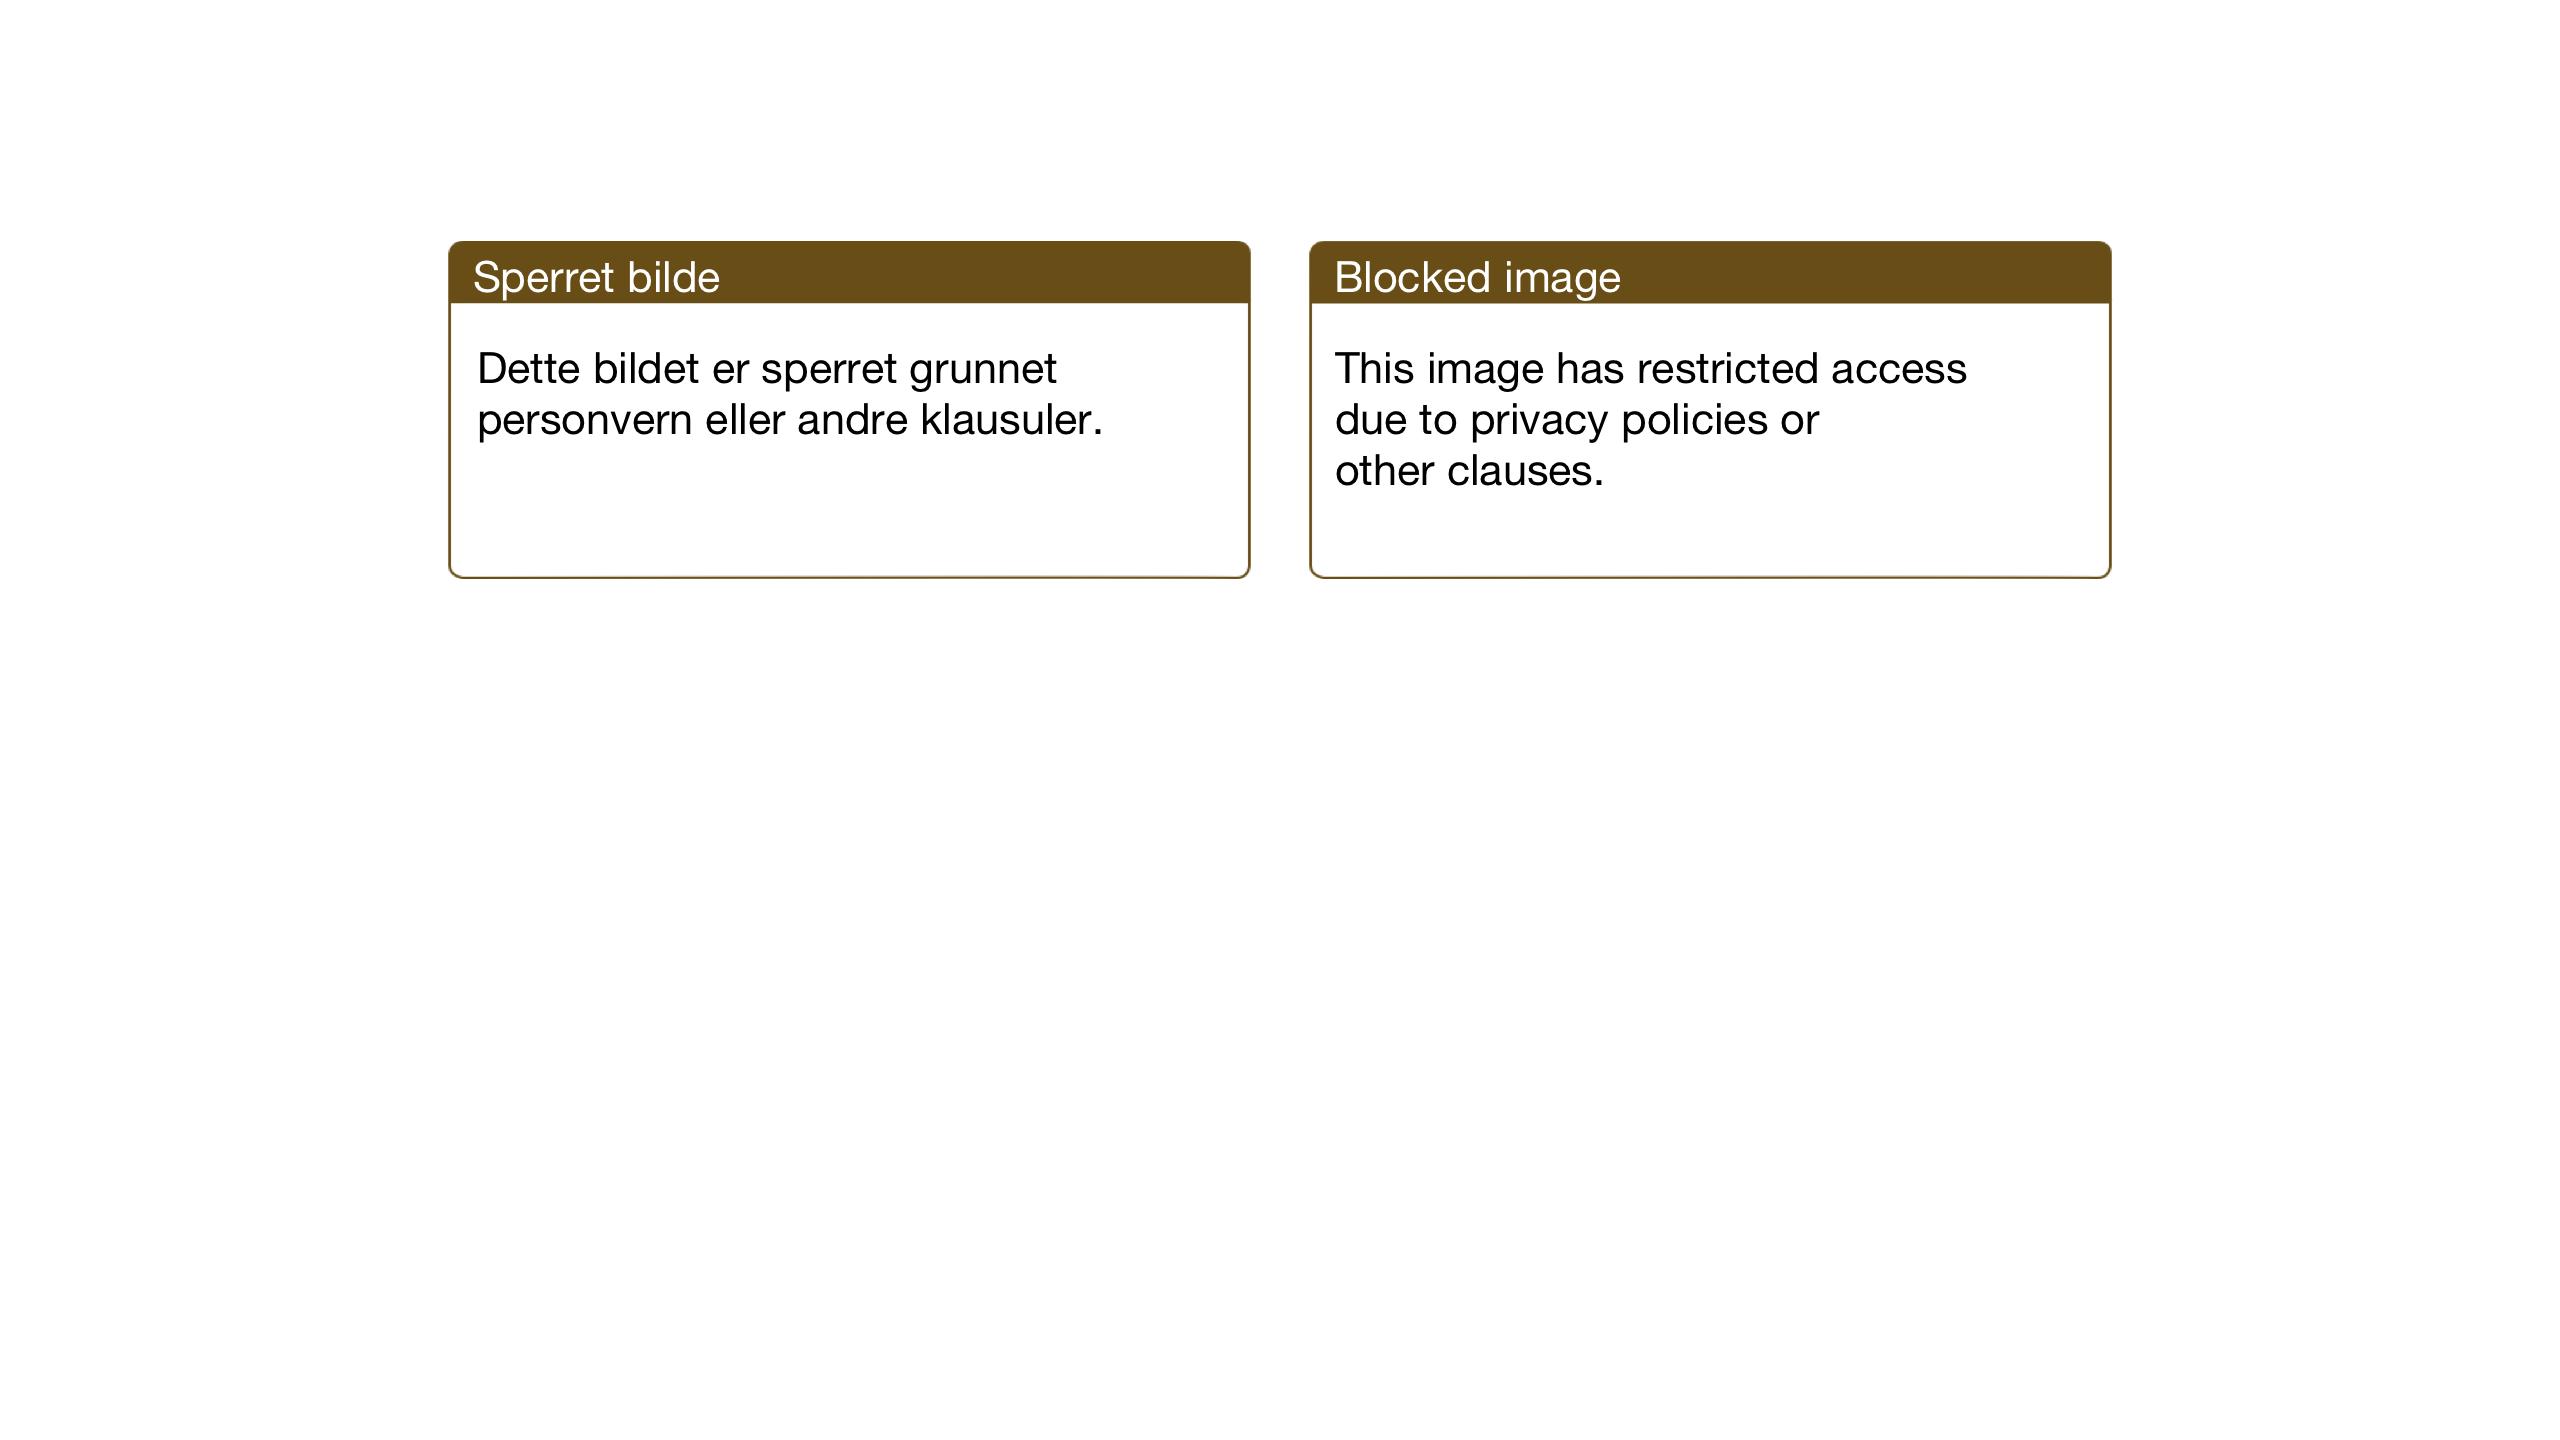 SAT, Ministerialprotokoller, klokkerbøker og fødselsregistre - Sør-Trøndelag, 638/L0569: Klokkerbok nr. 638C01, 1923-1961, s. 55